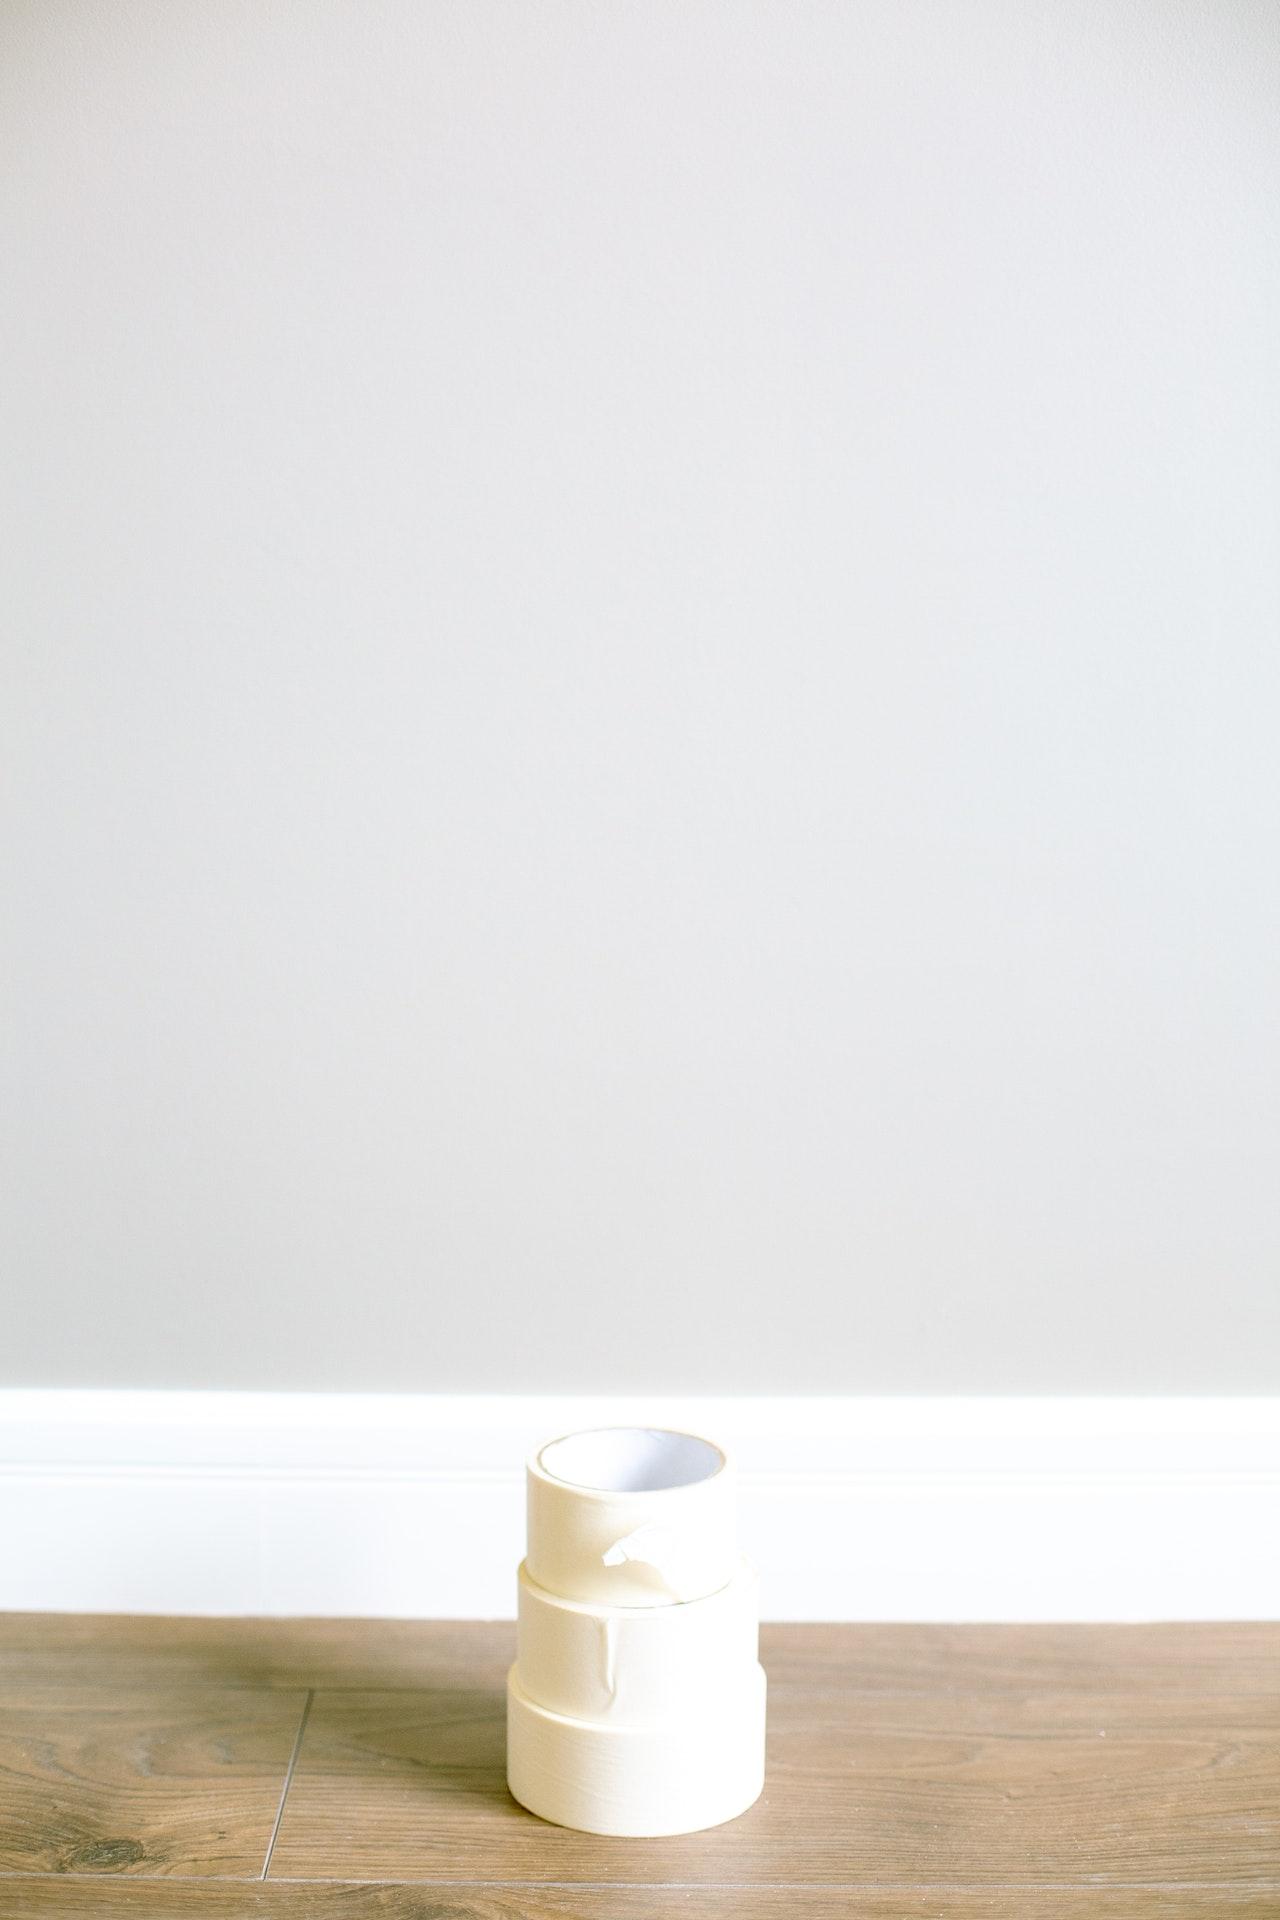 A tiszta és pontos festéshez, színes vakoláshoz nyújtanak segítséget a különféle maszkoló szalagok